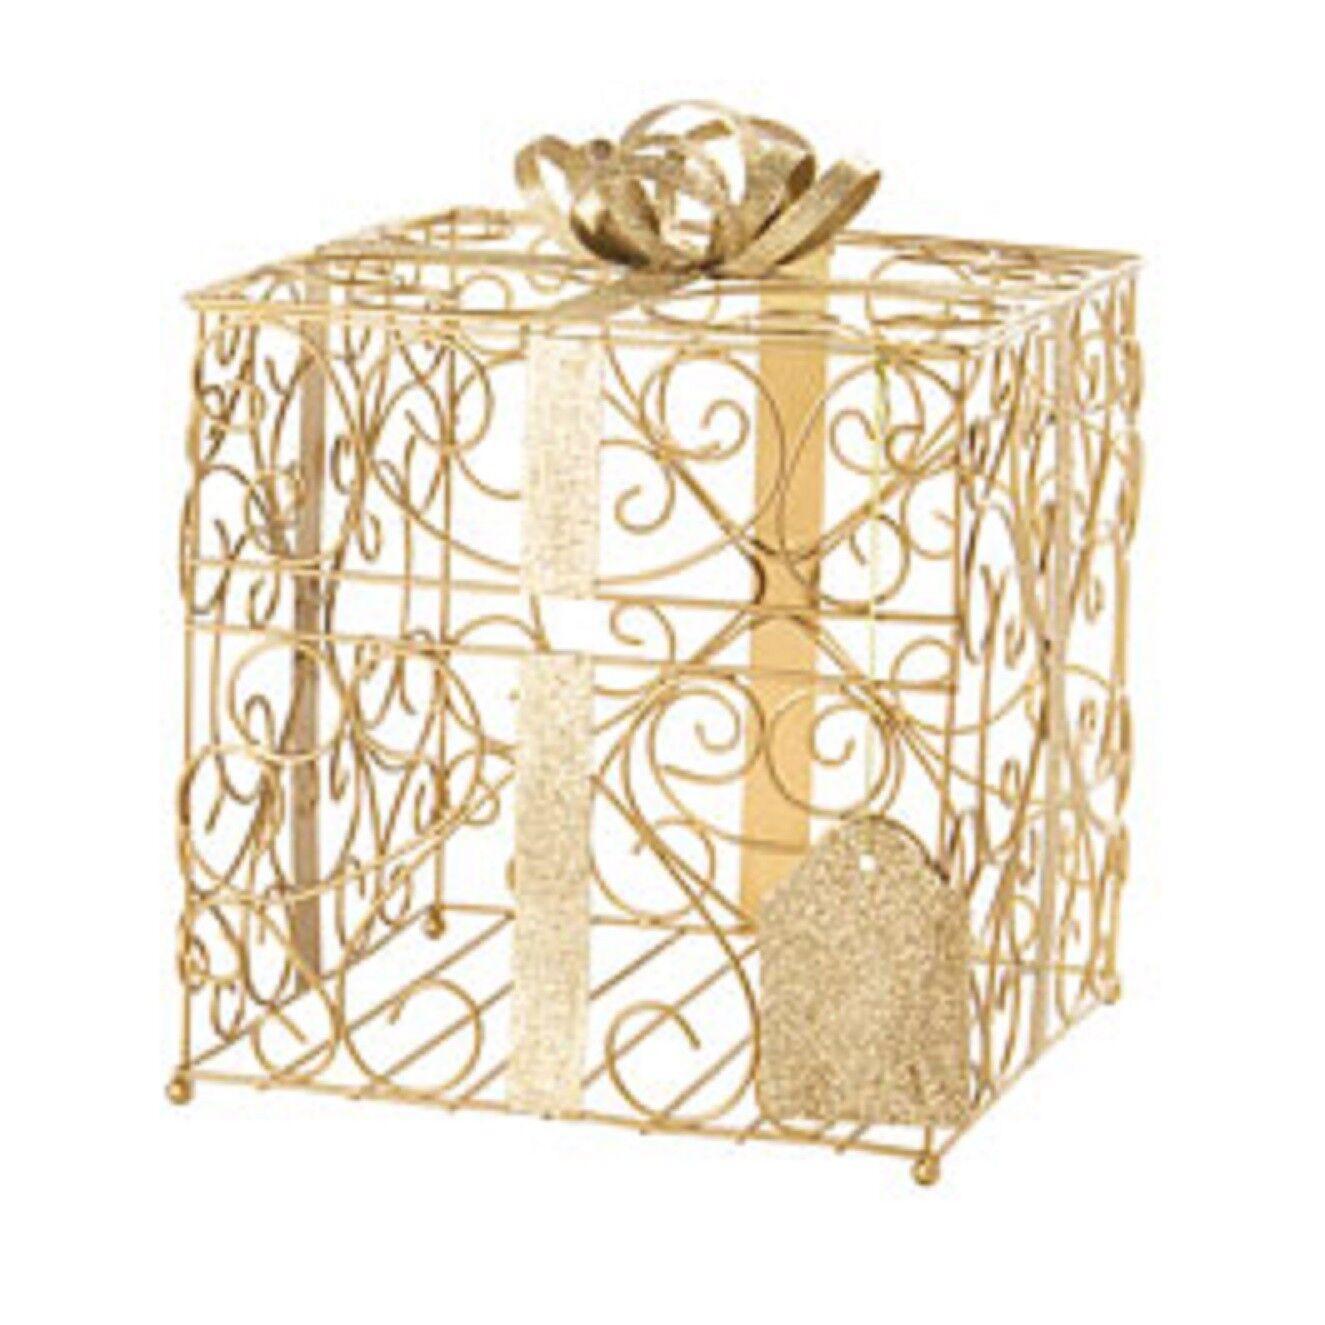 Nouveau Grand paillettes en métal doré réception avec porte-carte Wishing Well Box